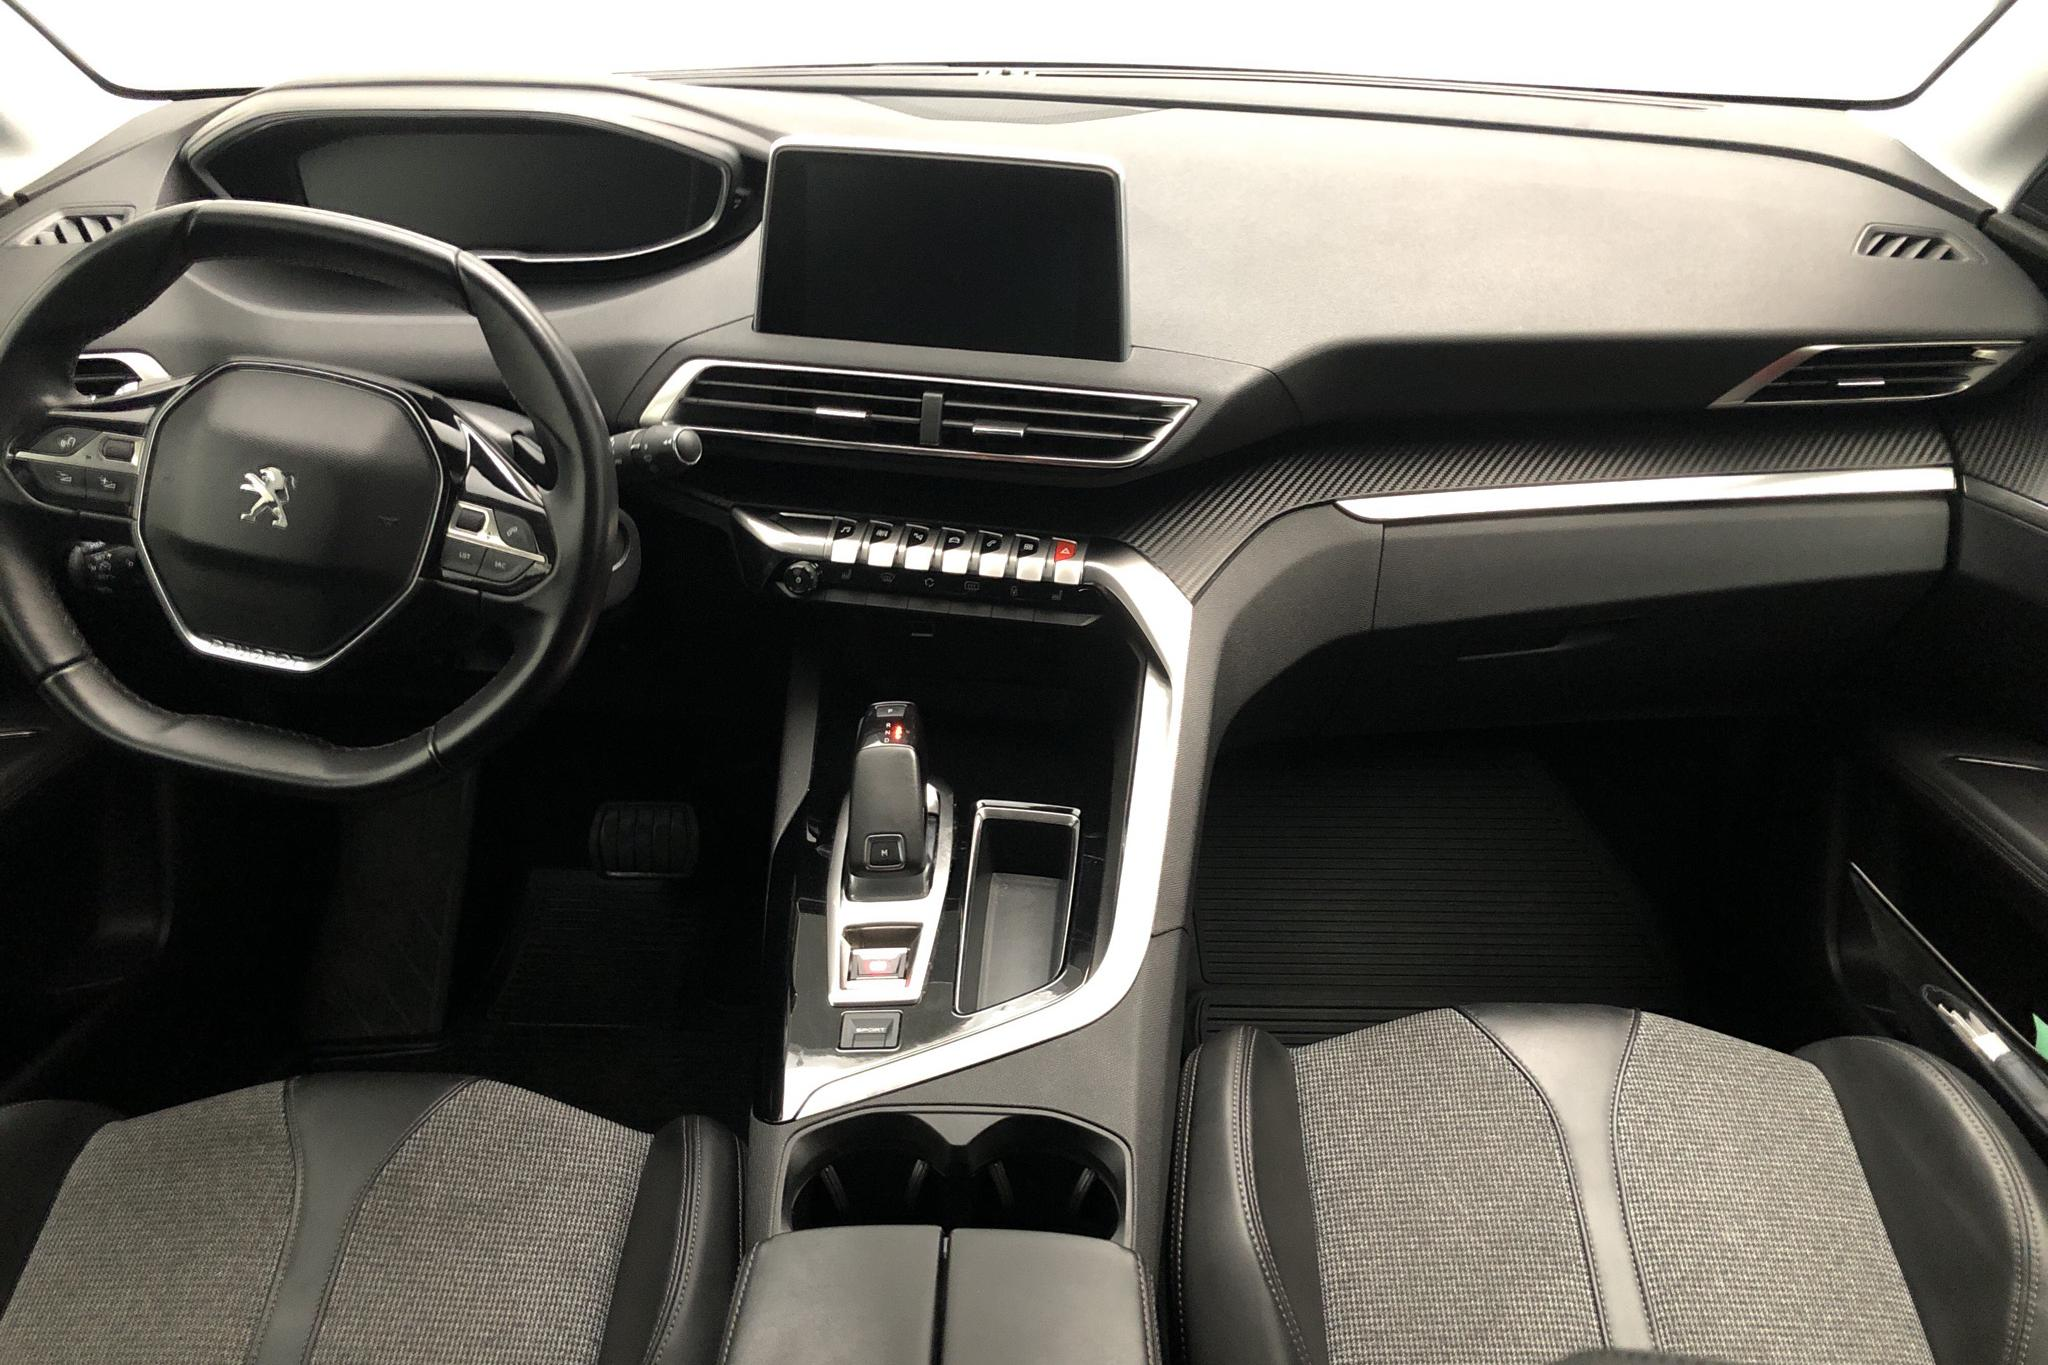 Peugeot 3008 1.2 PureTech (130hk) - 58 530 km - Automatic - 2018